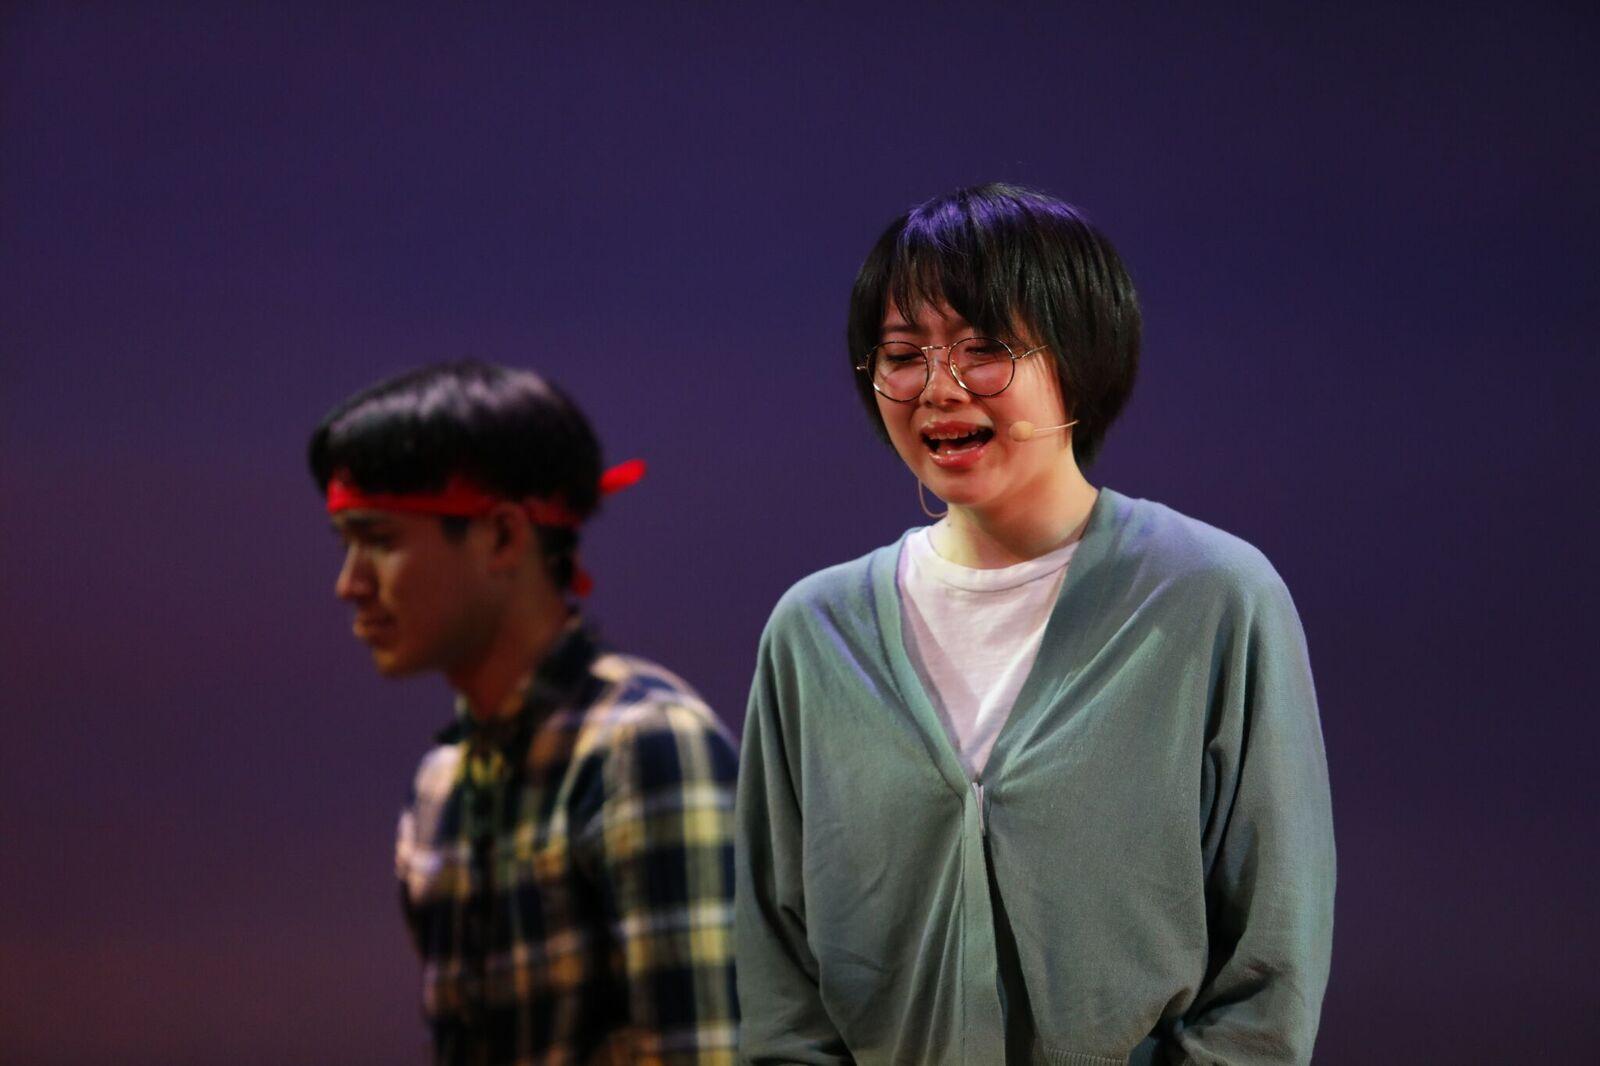 劇団4ドル50セント 週末定期公演 Vol.1舞台写真4